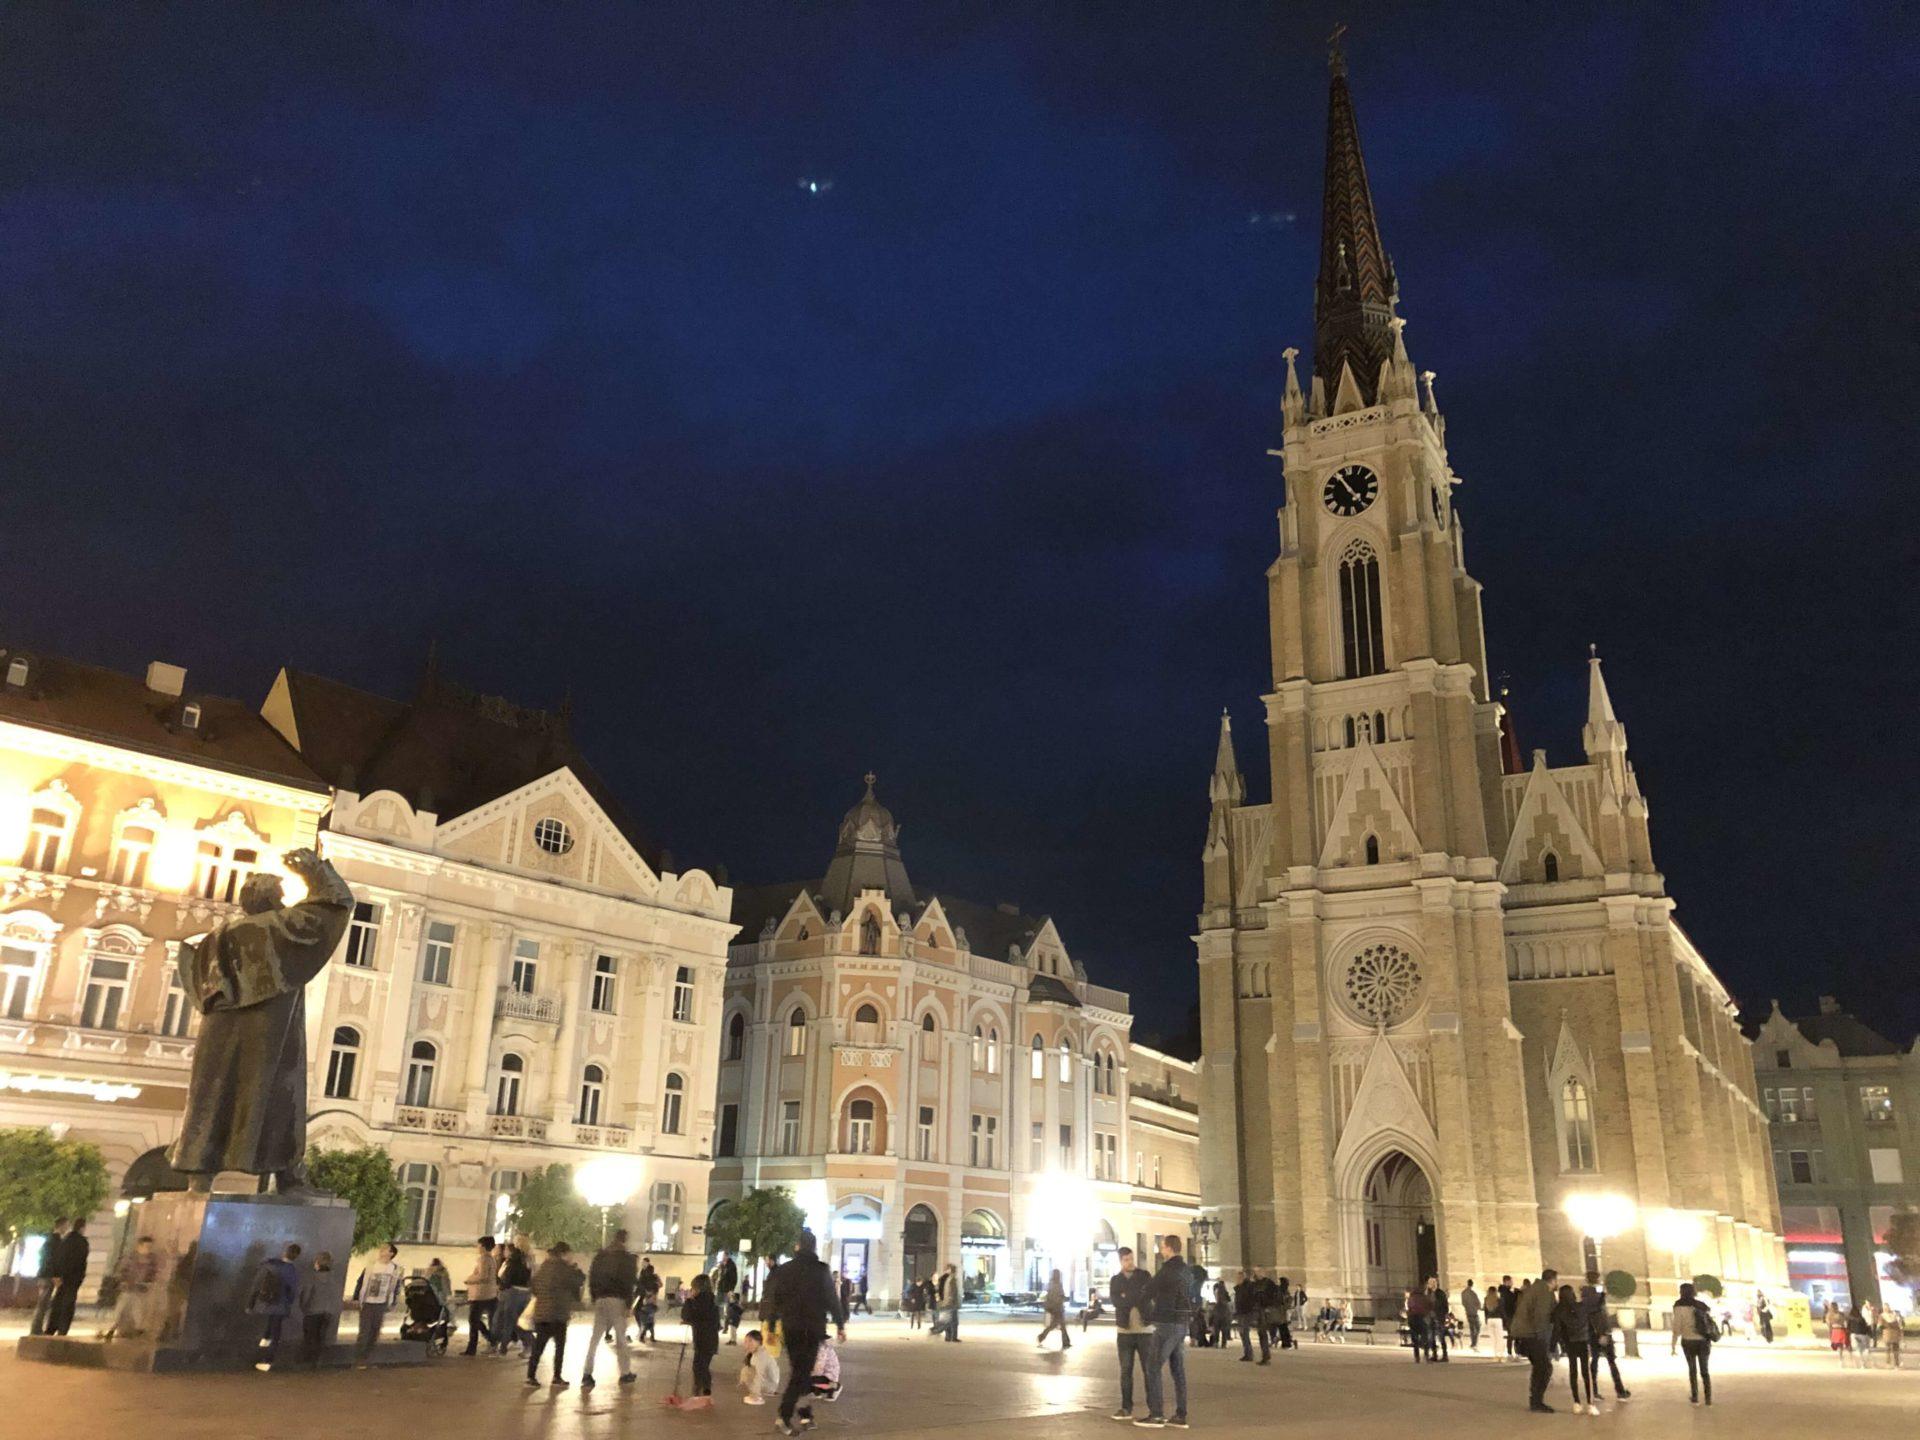 ノヴィ・サドの教会と広場